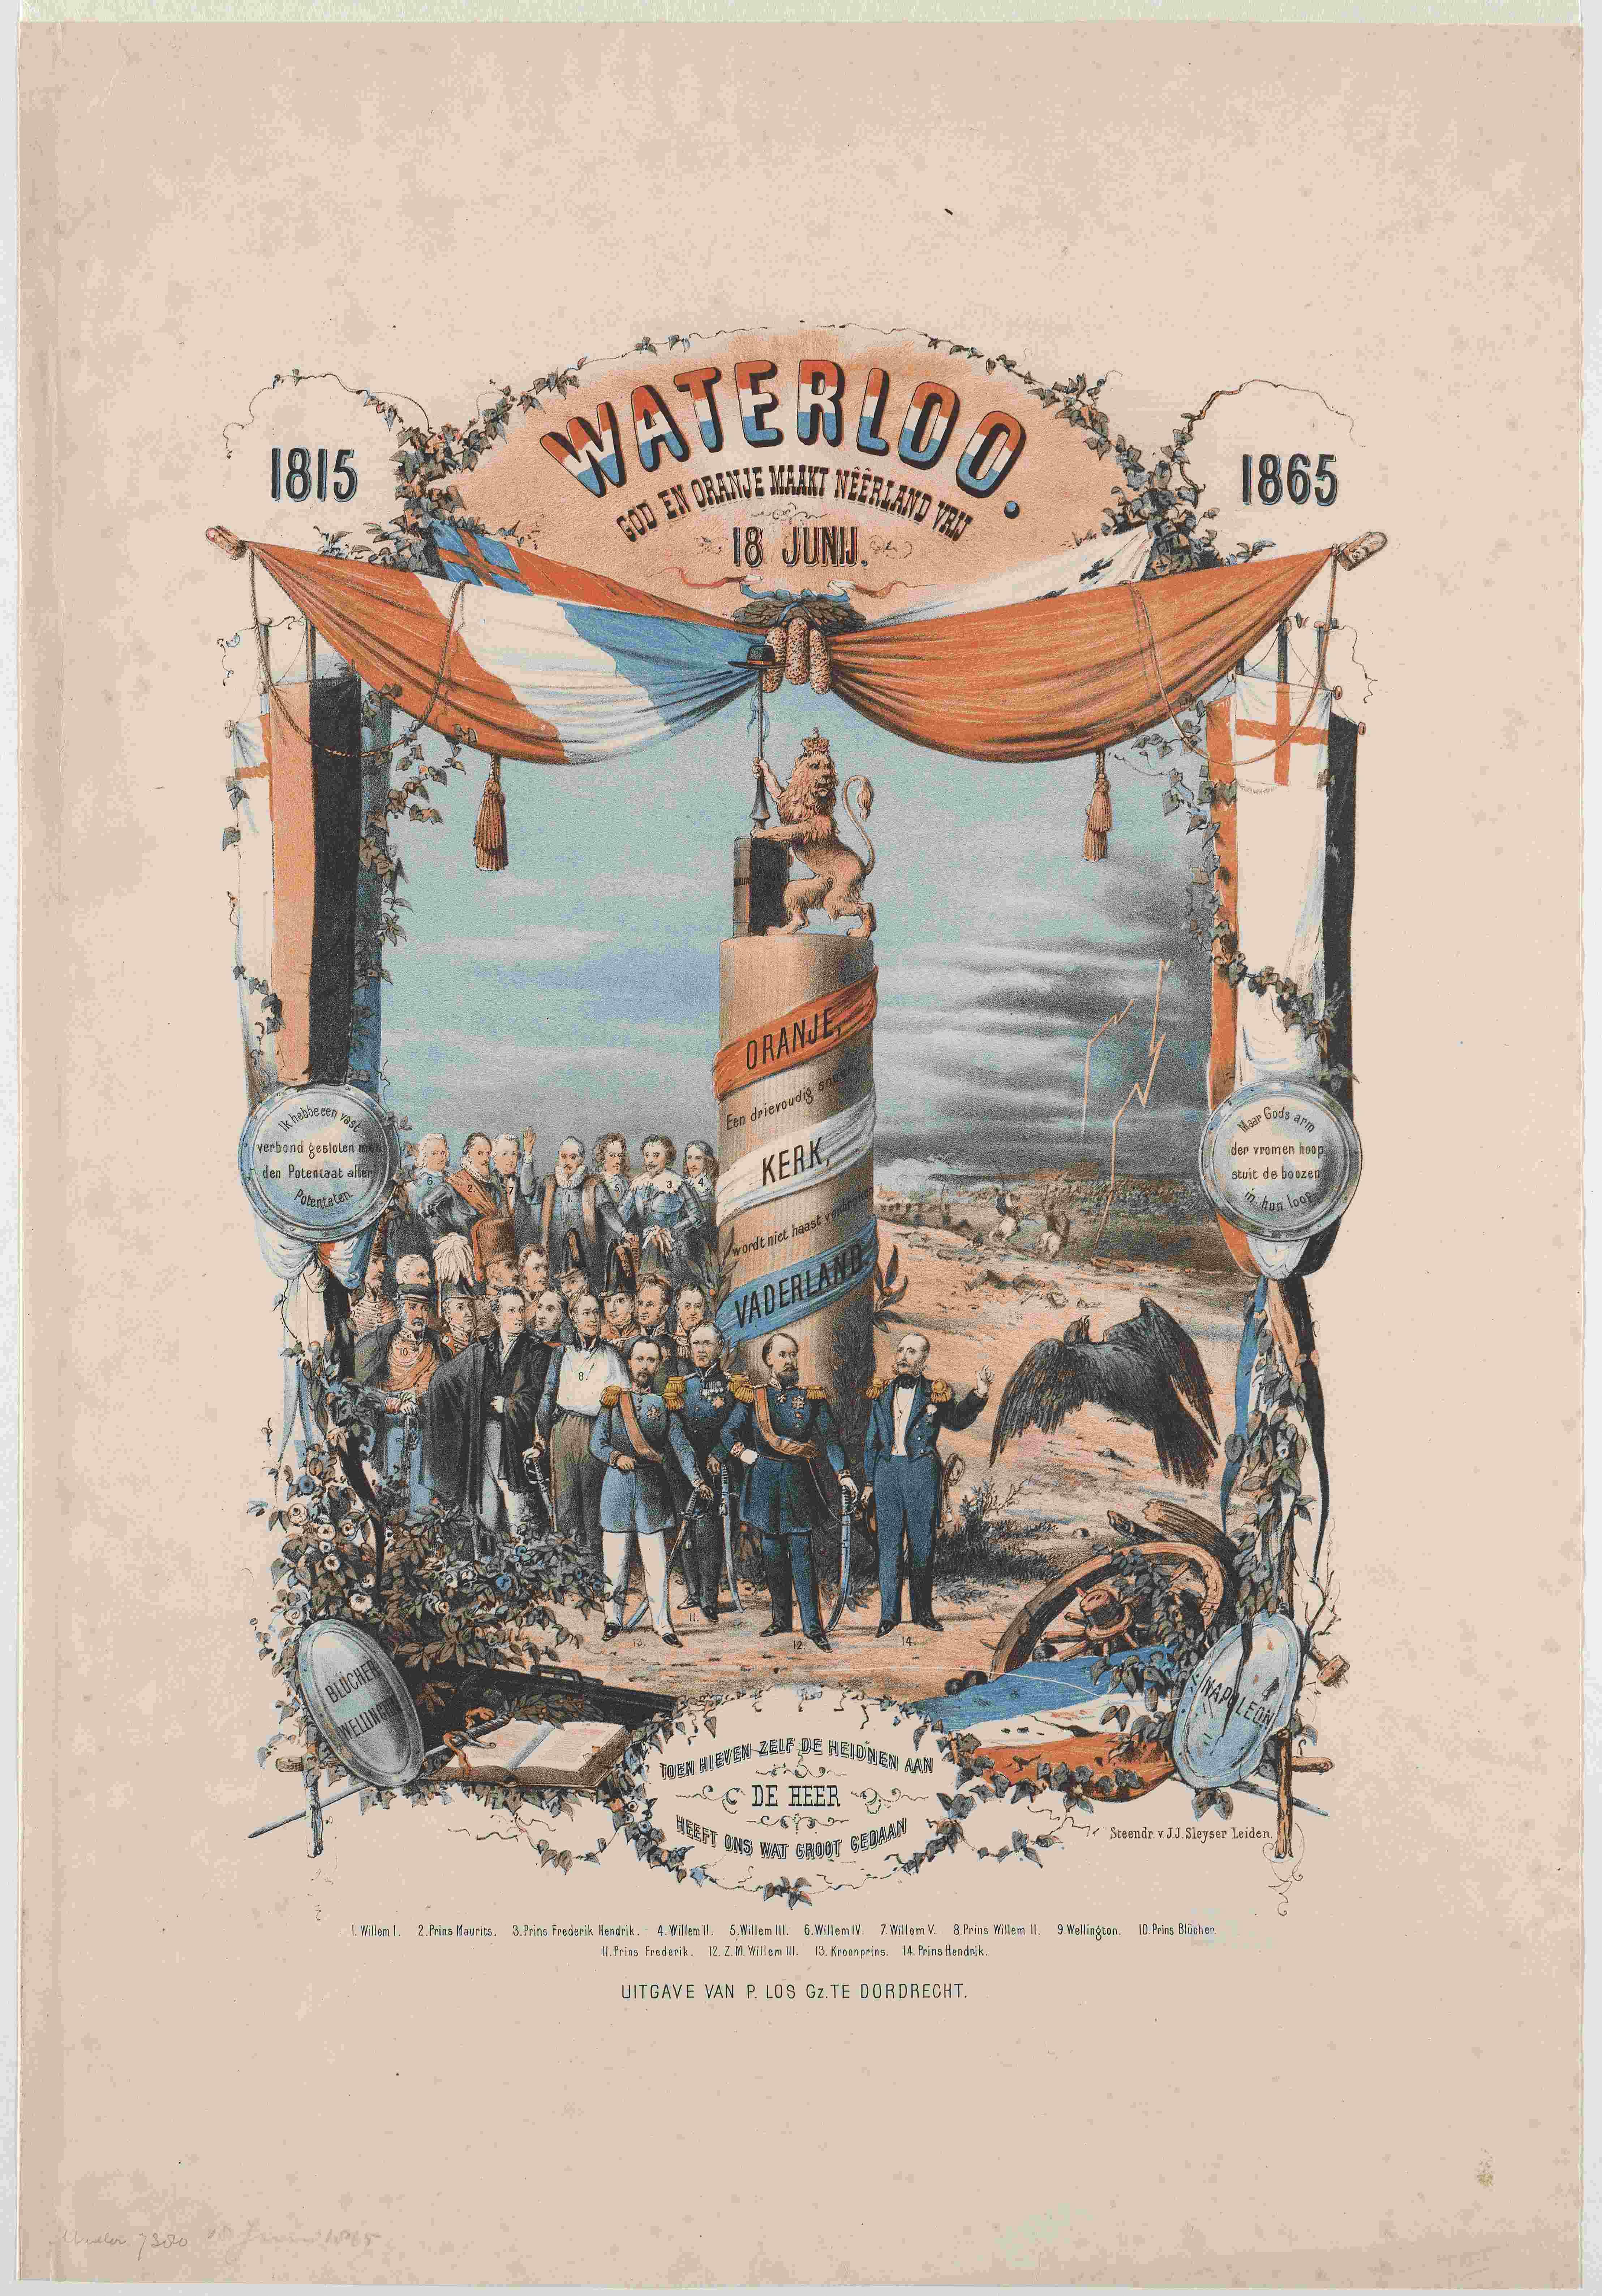 J.J. Sleyser, Waterloo God en Oranje maakt Neerland vrij 18 junij 1815 1865, 1865, AVS 26071